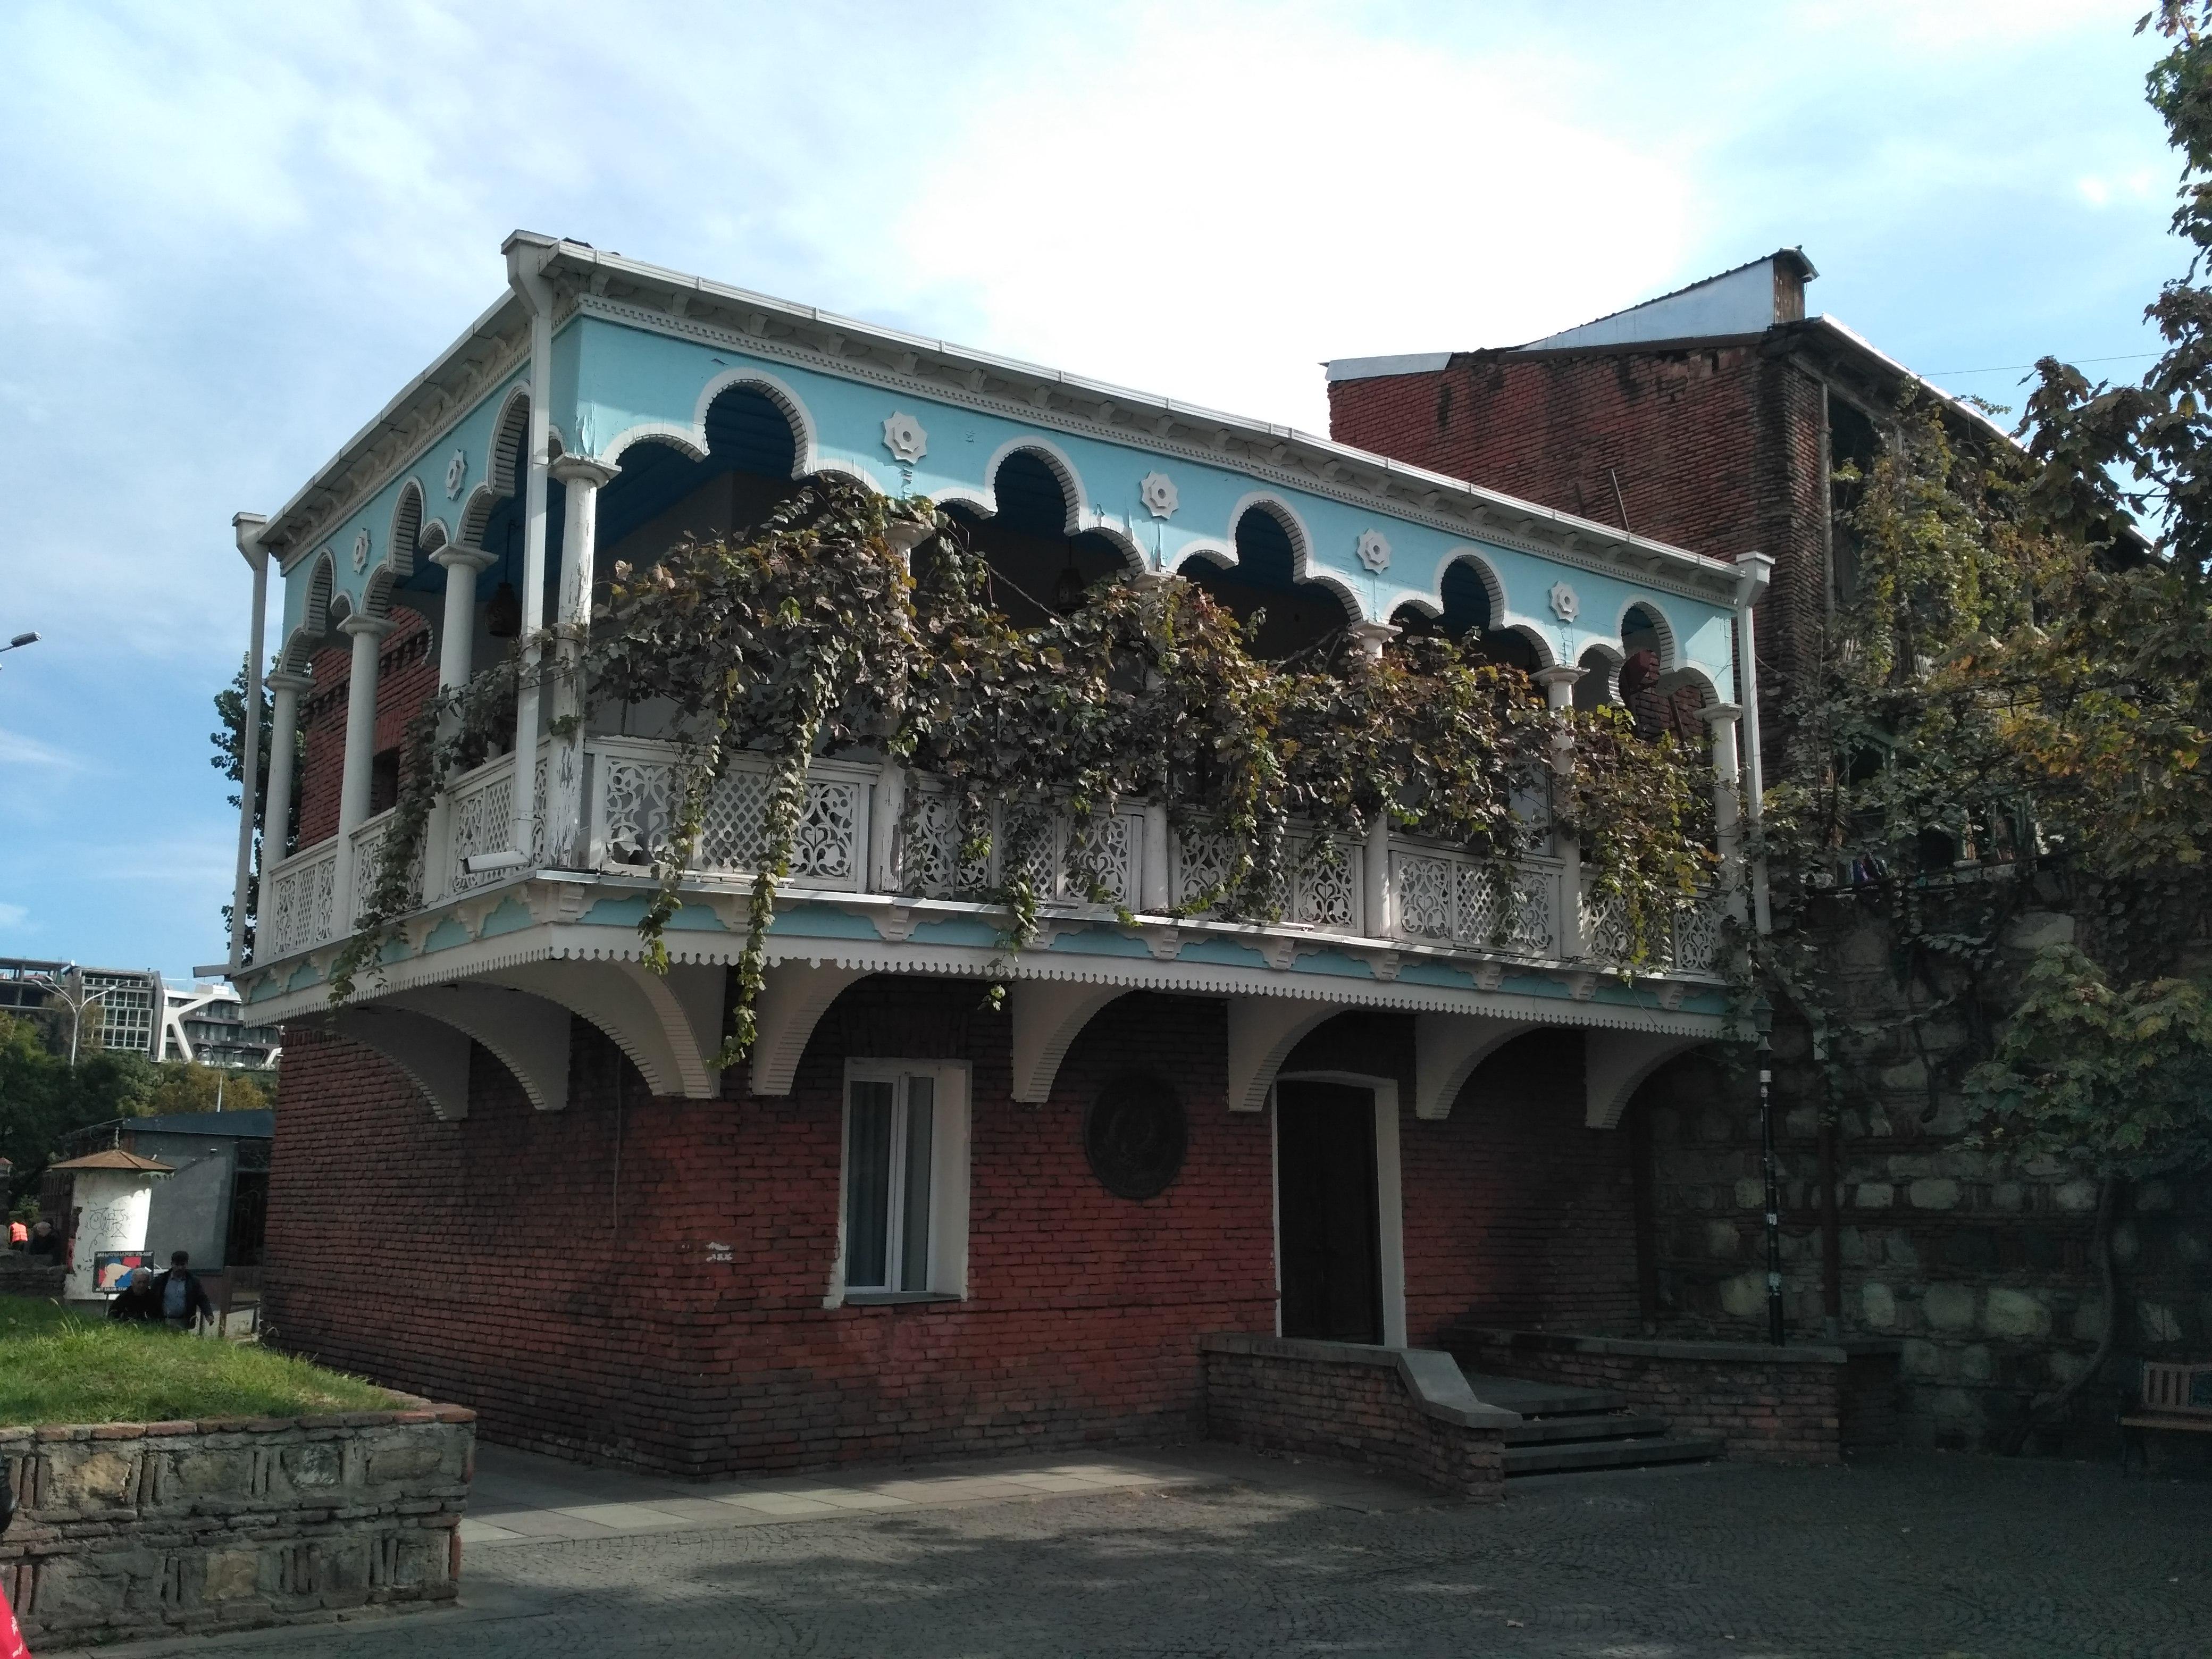 дом с балконом в старом городе Тбилиси